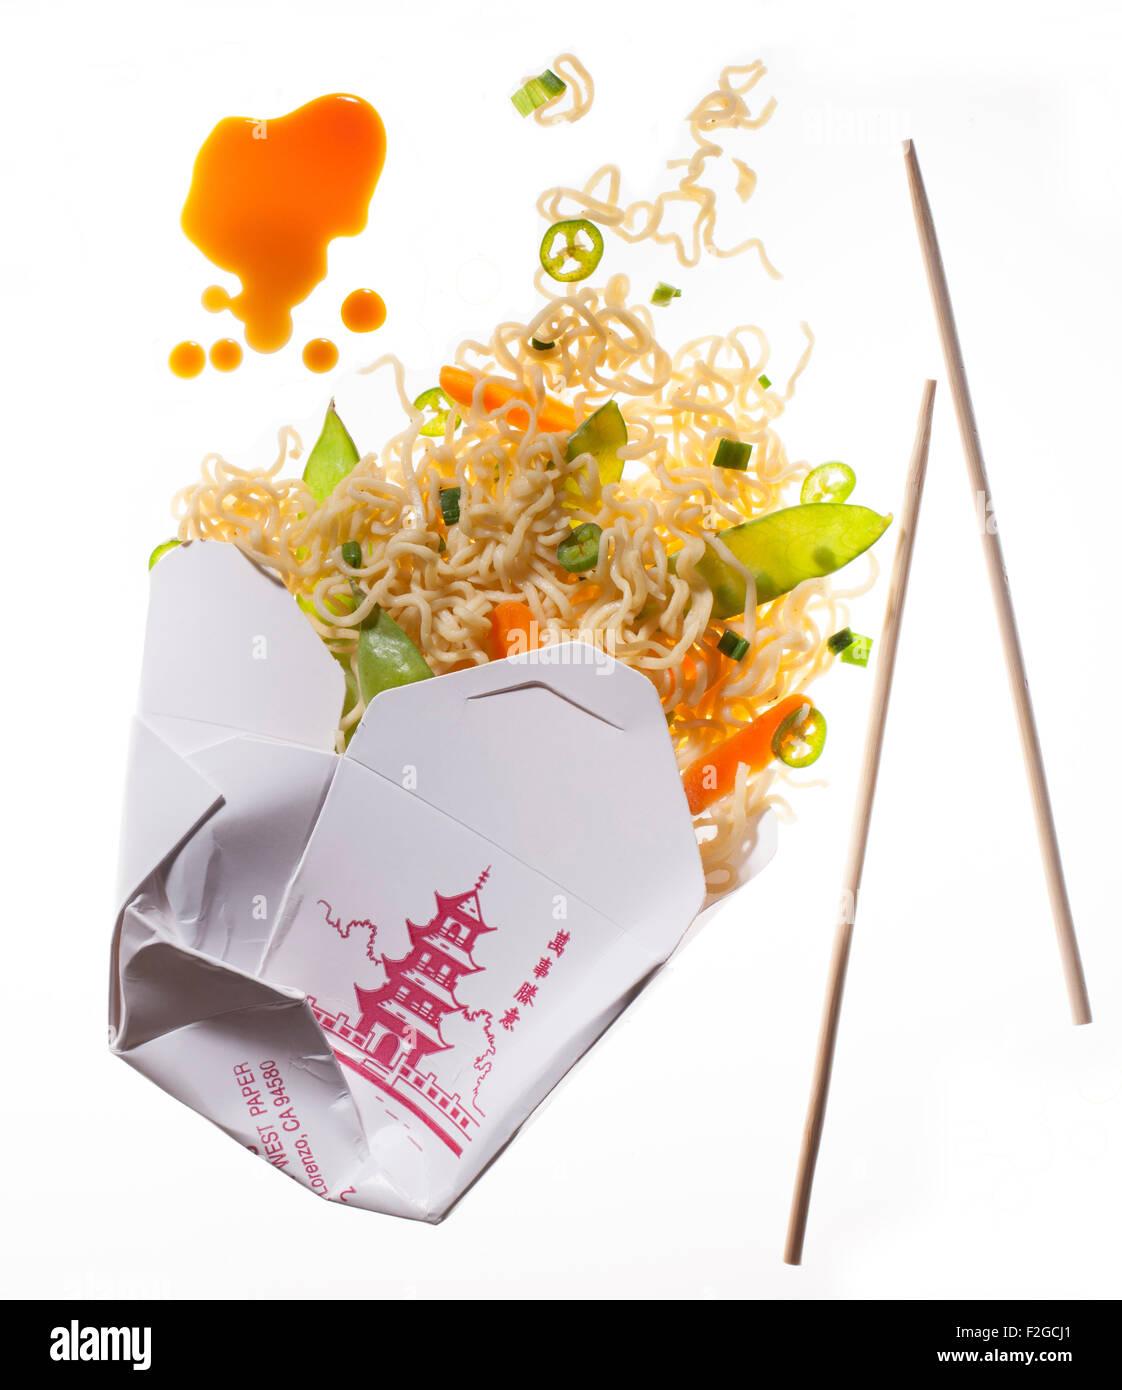 Cinese per andare noodles proveniente dal contenitore con salsa di soia e bastoncini, back lit su bianco Immagini Stock